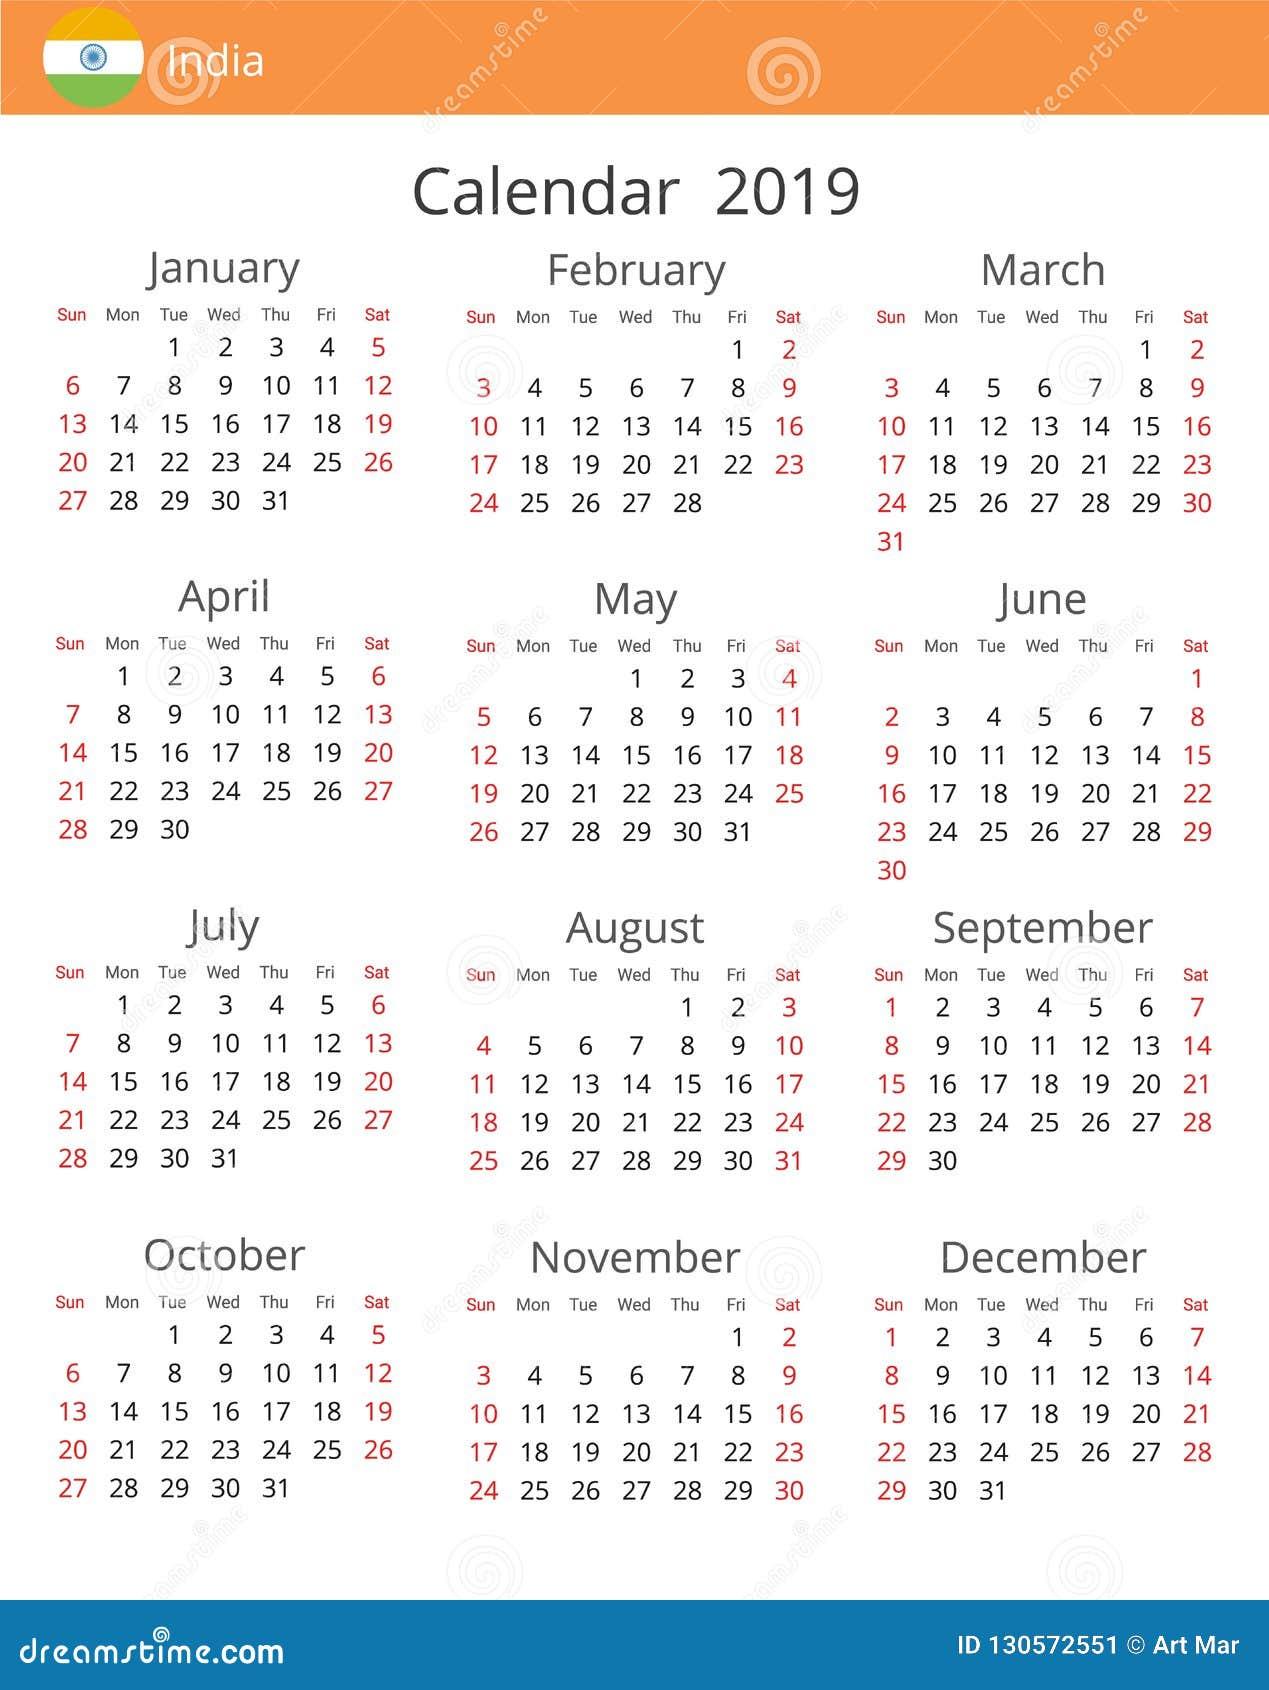 Calendario 2019 English.Calendar 2019 Year For India Country Stock Illustration